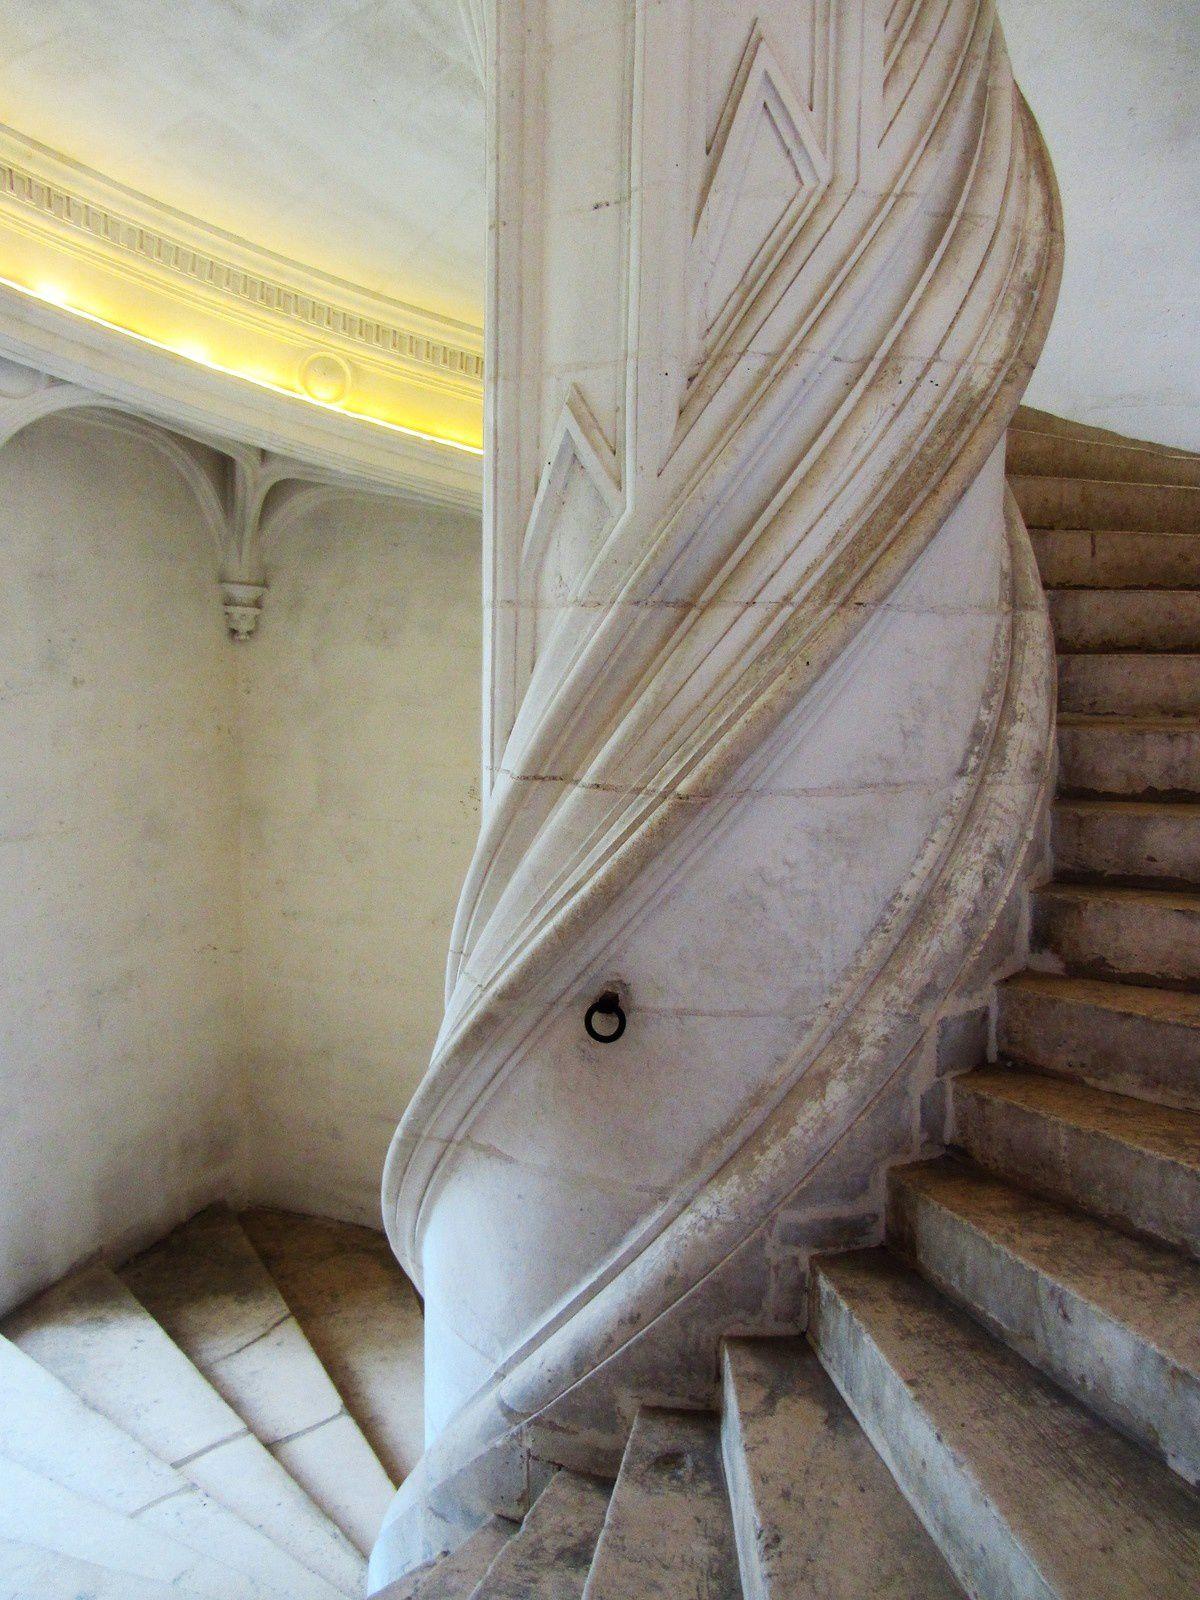 De type traditionnel en vis avec un noyau puissament torsadé. Il n'est pas sans rappeler celui de Blois ou de Chambord.